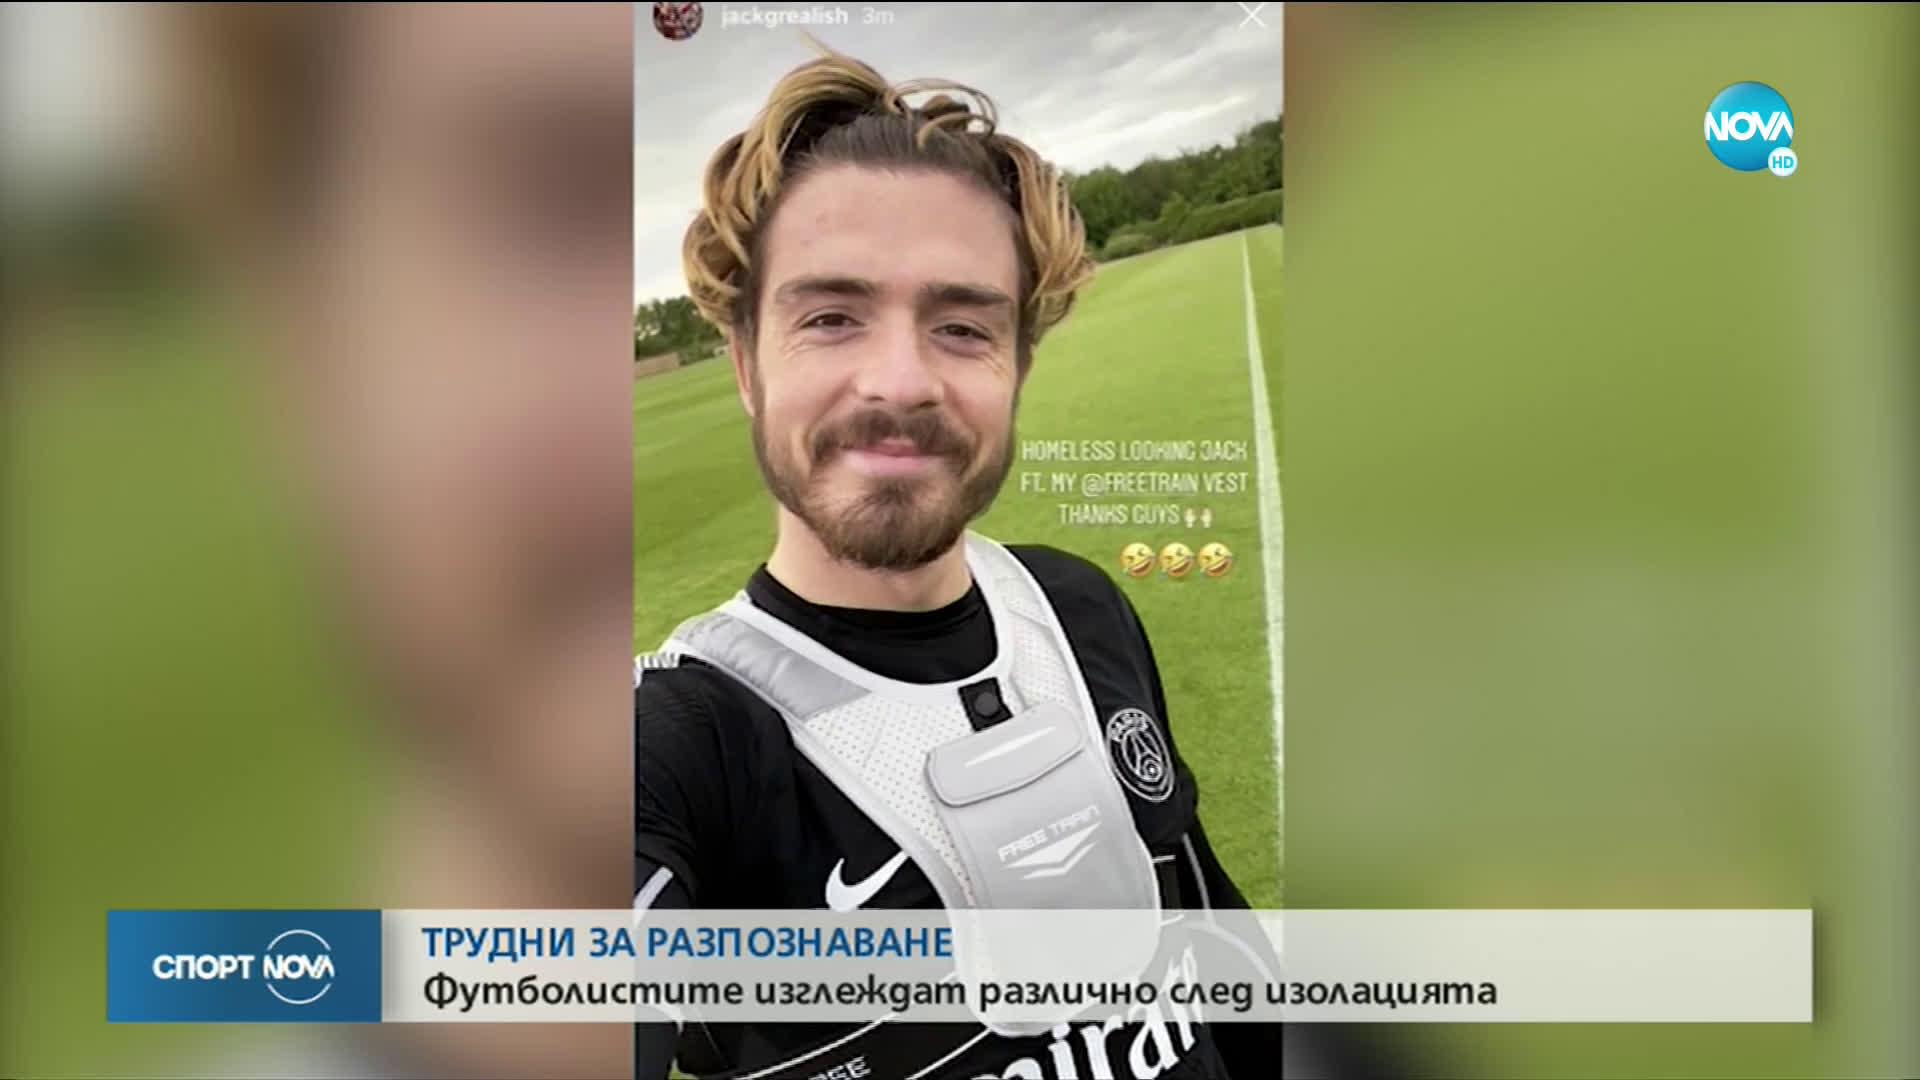 Спортни новини (23.05.2020 - централна емисия)